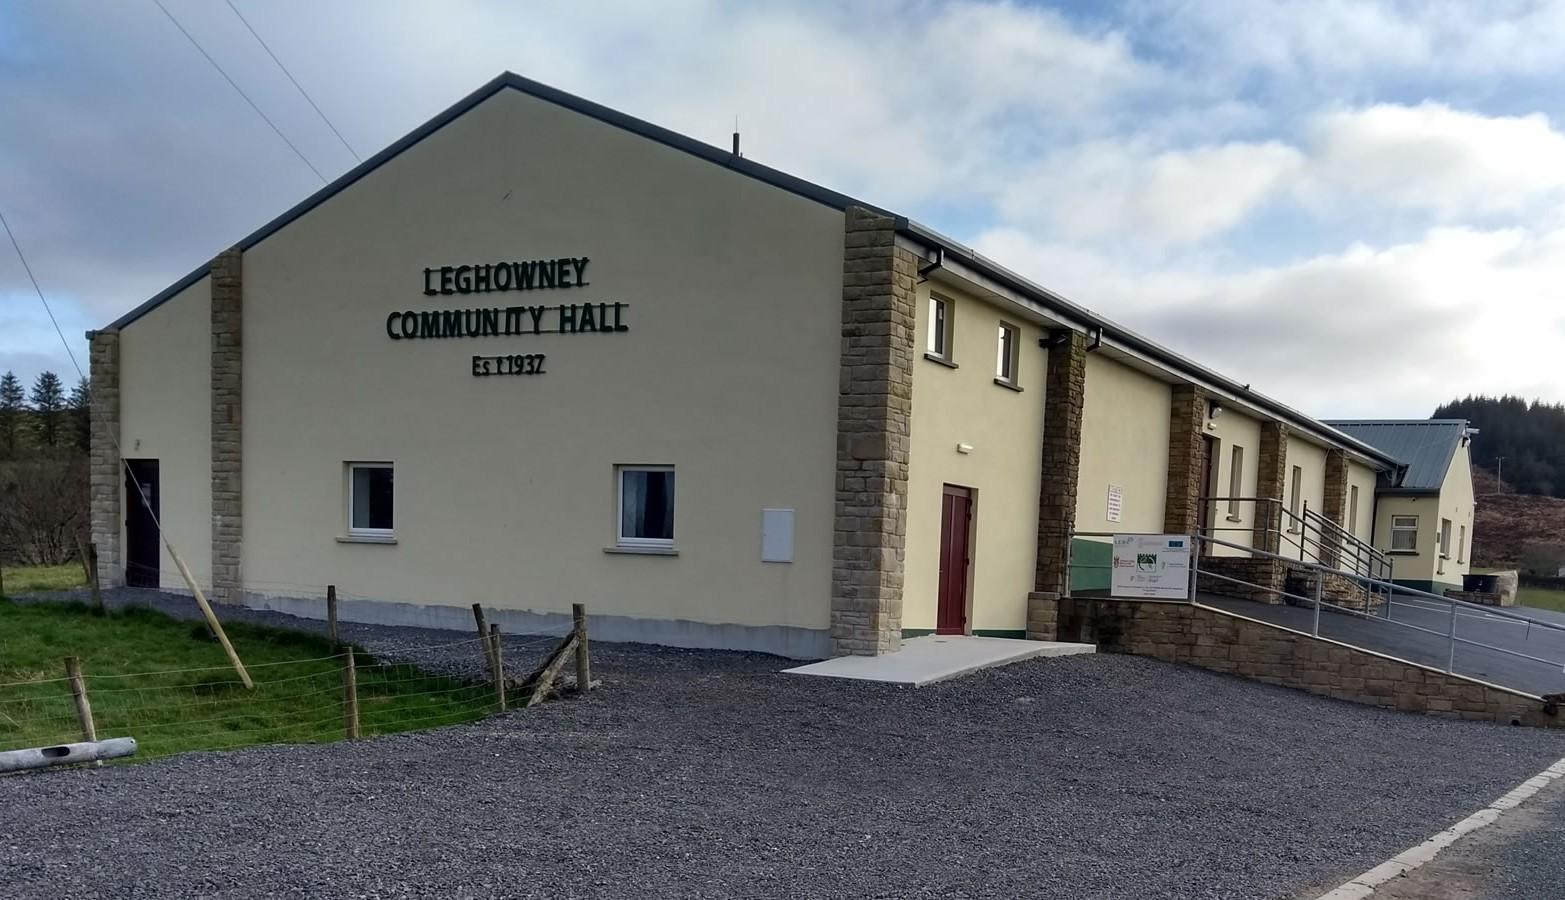 Leghowney Community Hall